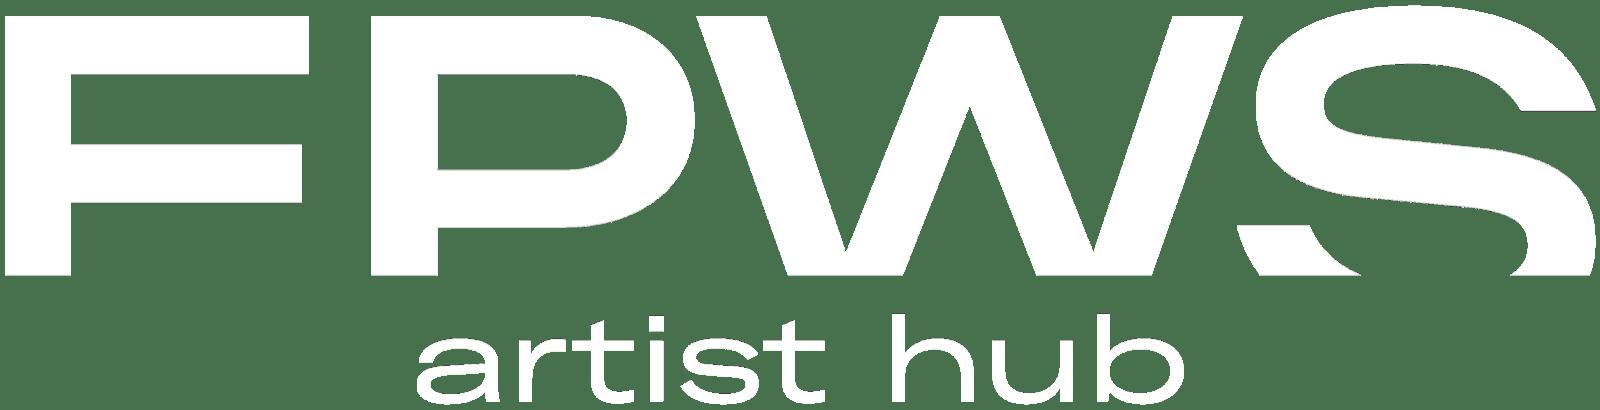 fpws artists hub